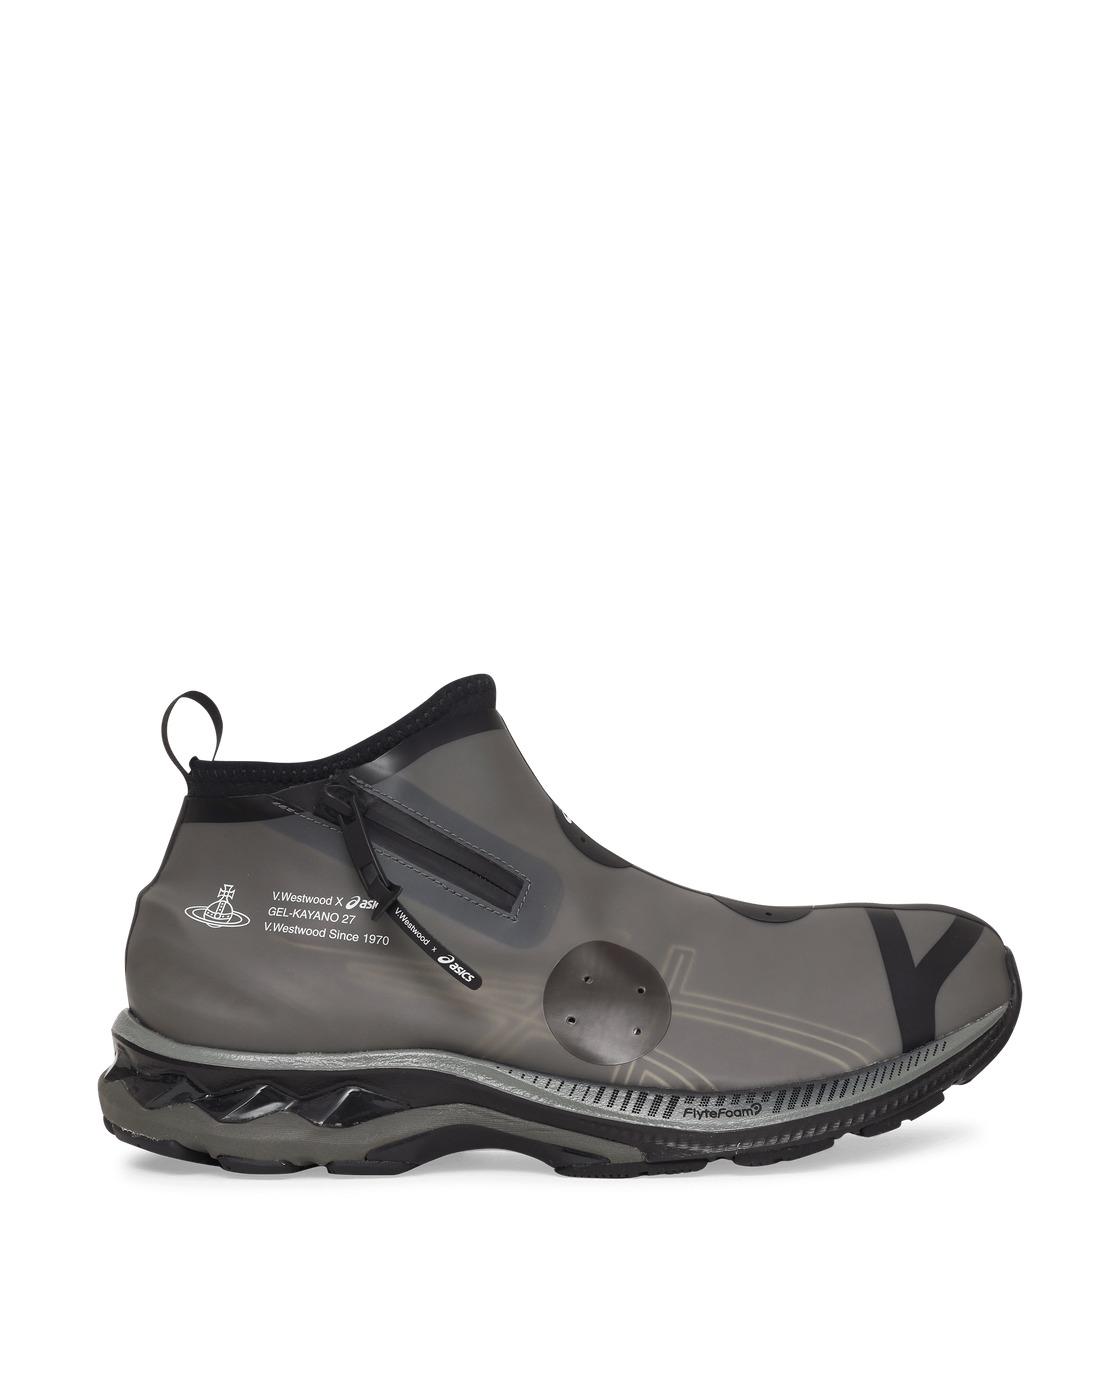 Photo: Asics Vivienne Westwood Gel Kayano 27 Ltx Sneakers Black/Black